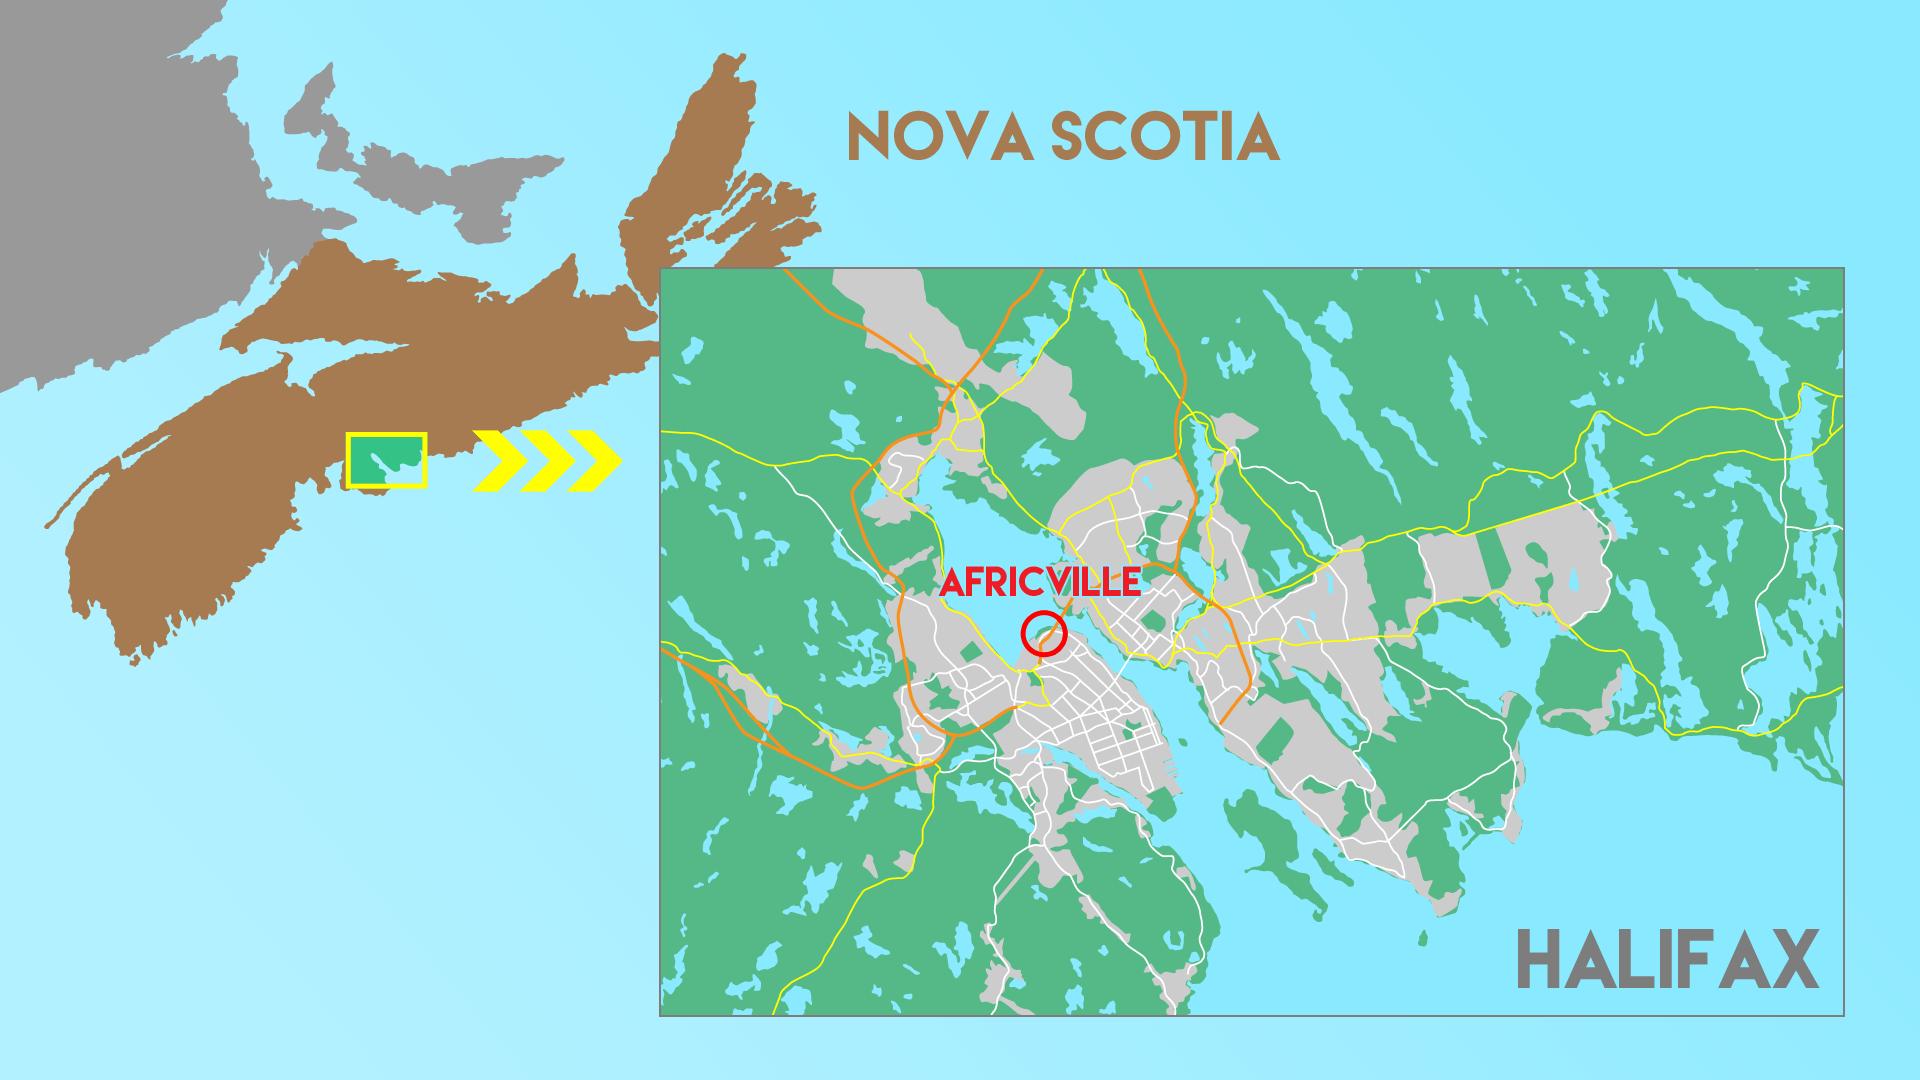 Map_Halifax_Africville_1920x1080